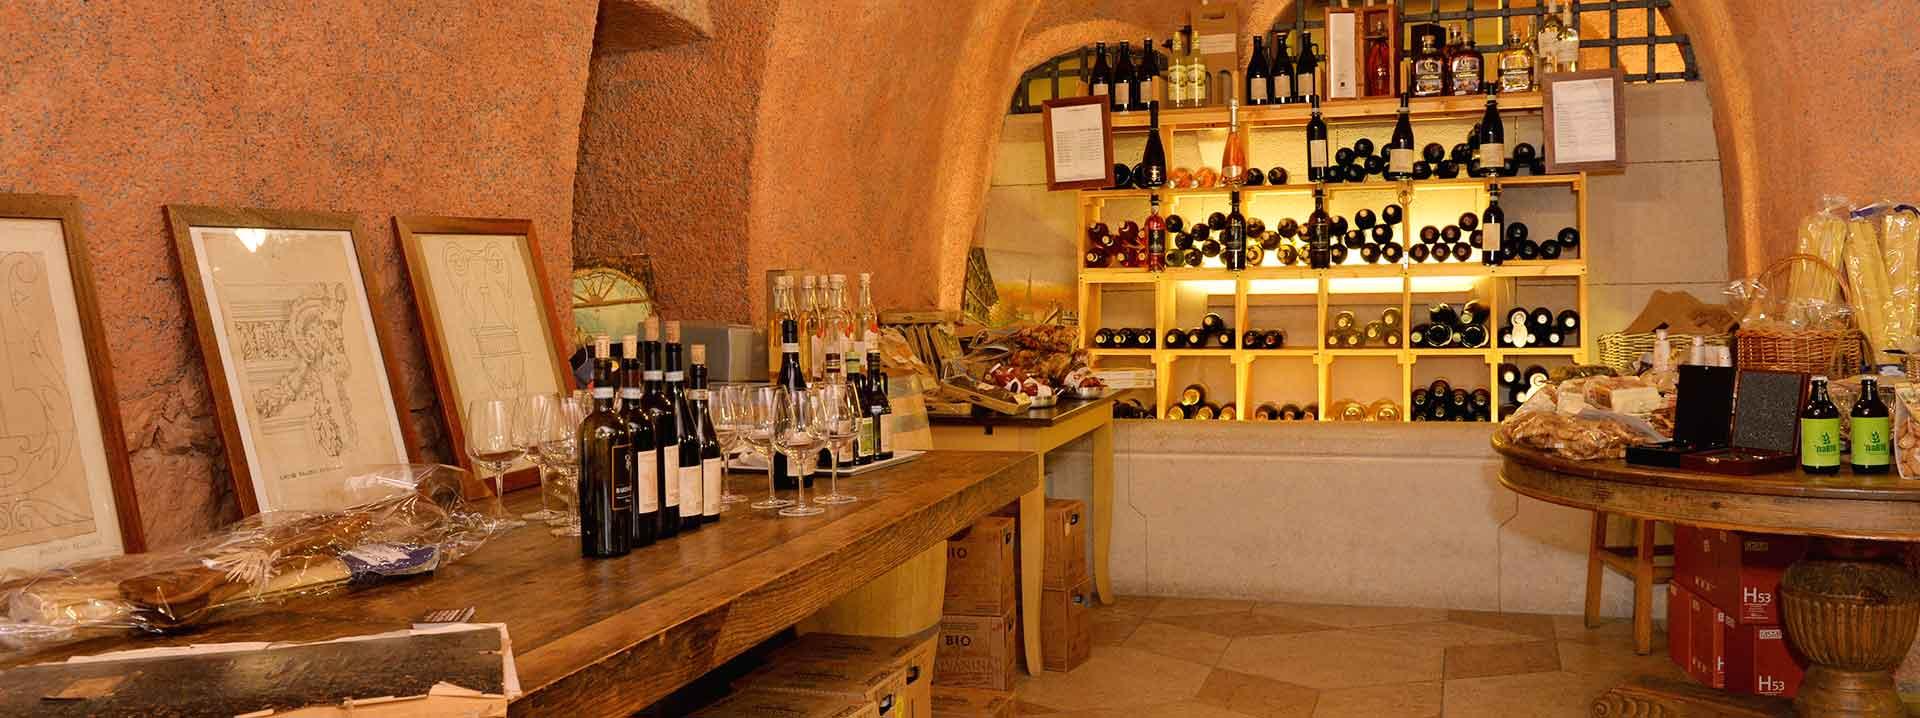 corsi di cucina e tour storico gastronomici